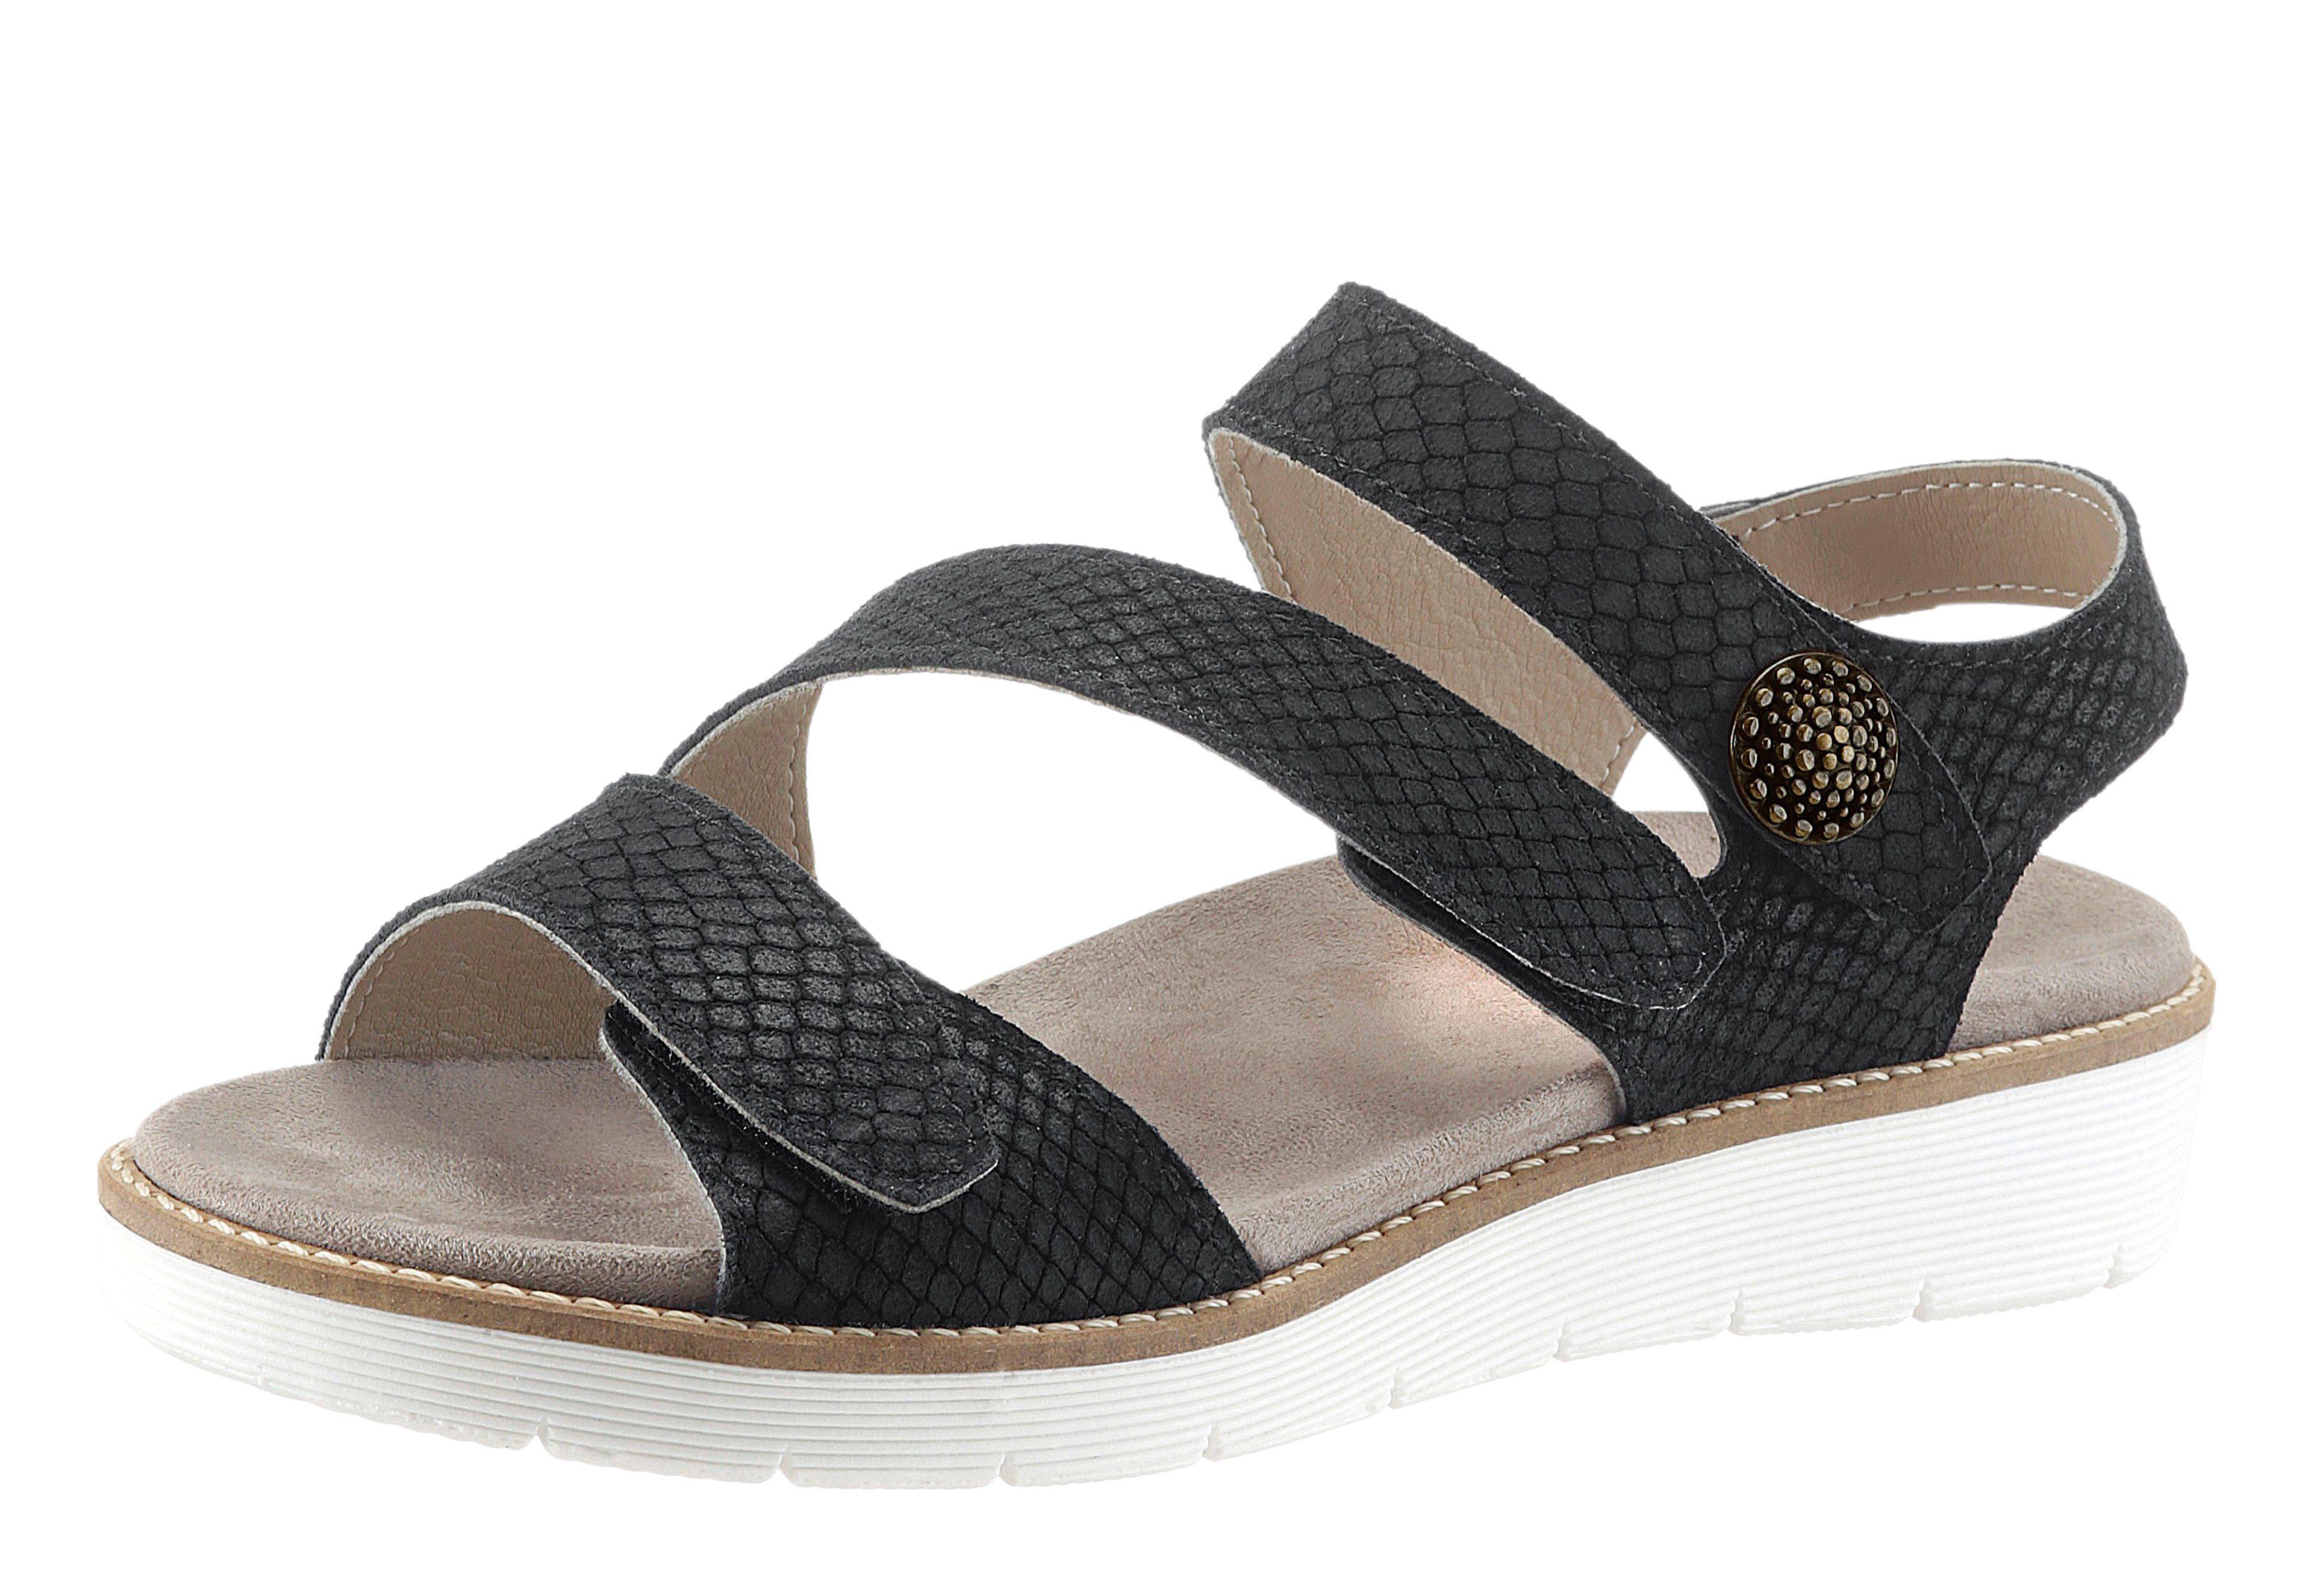 Aco Sandalette mit leichter Kroko-Prägung, schwarz, schwarz